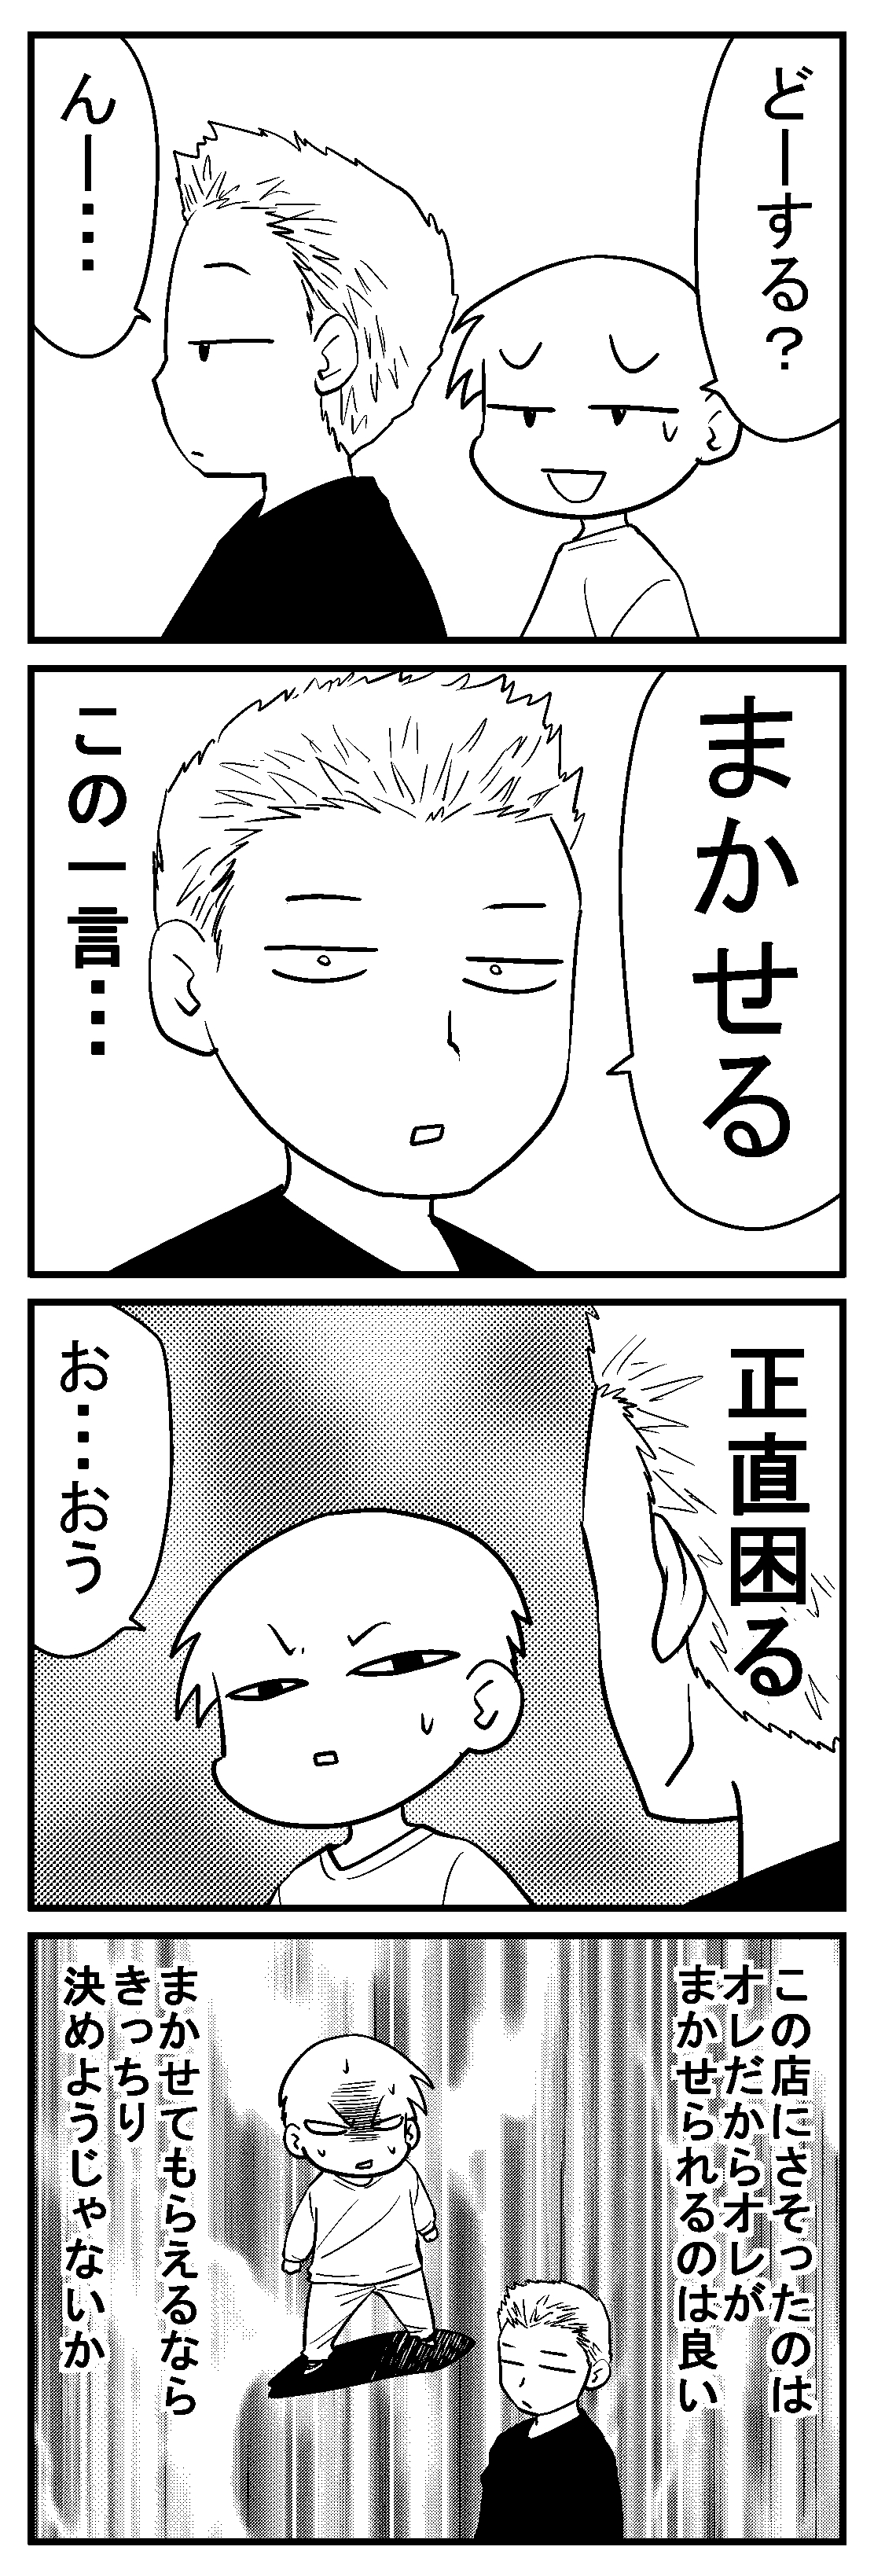 深読みくん30 2